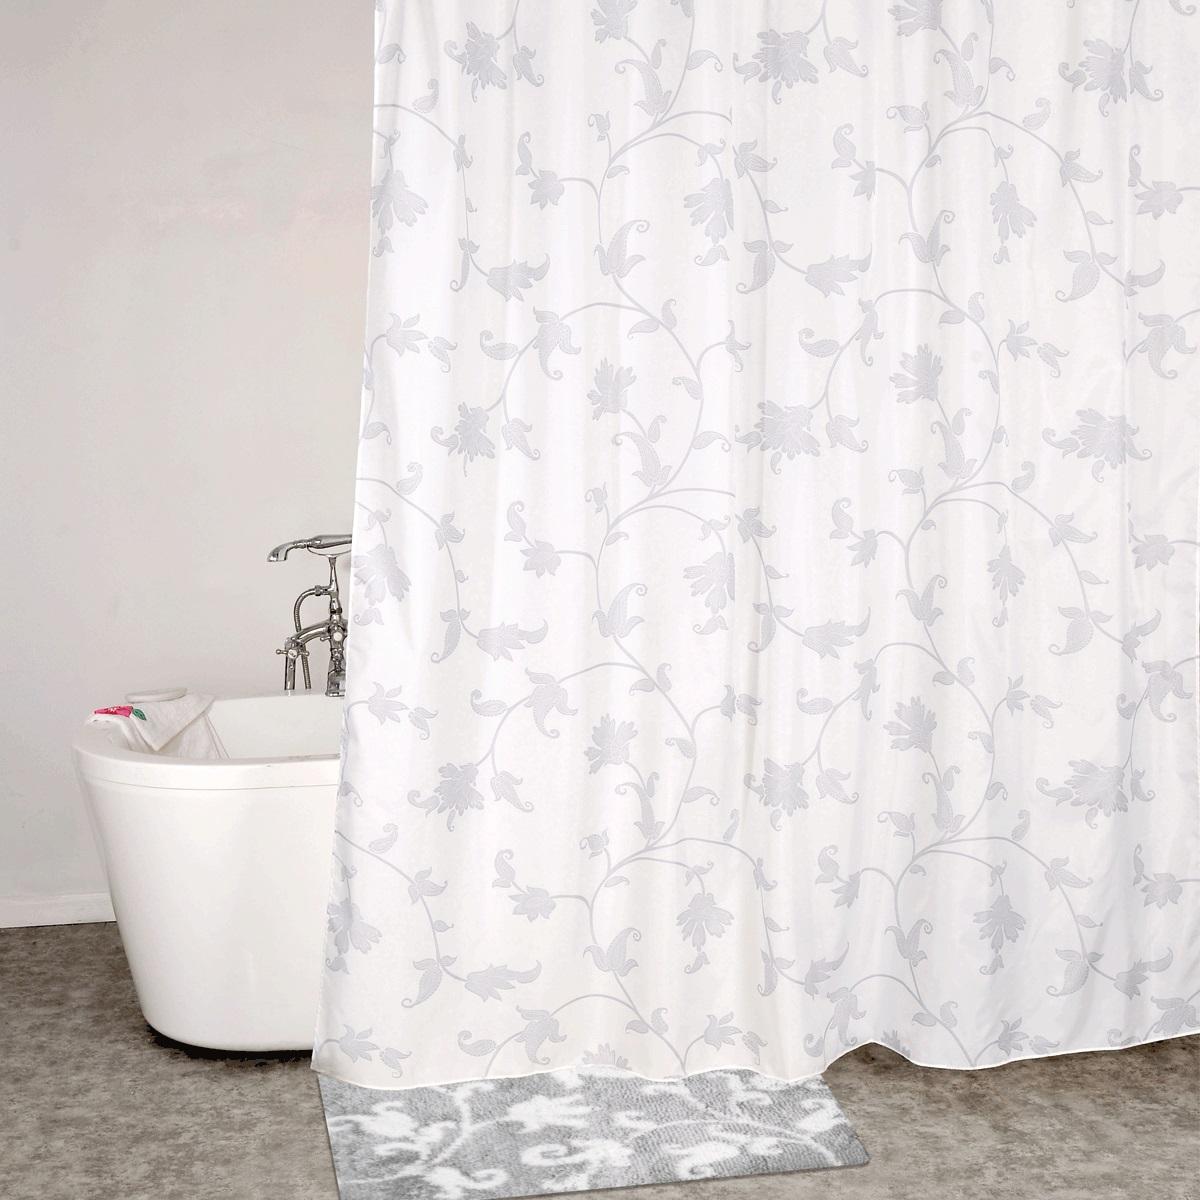 Штора для ванной Iddis Elegant Silver, цвет: белый, серый, 200 x 200 см штора для ванной iddis blue butterfly цвет голубой 200 x 200 см